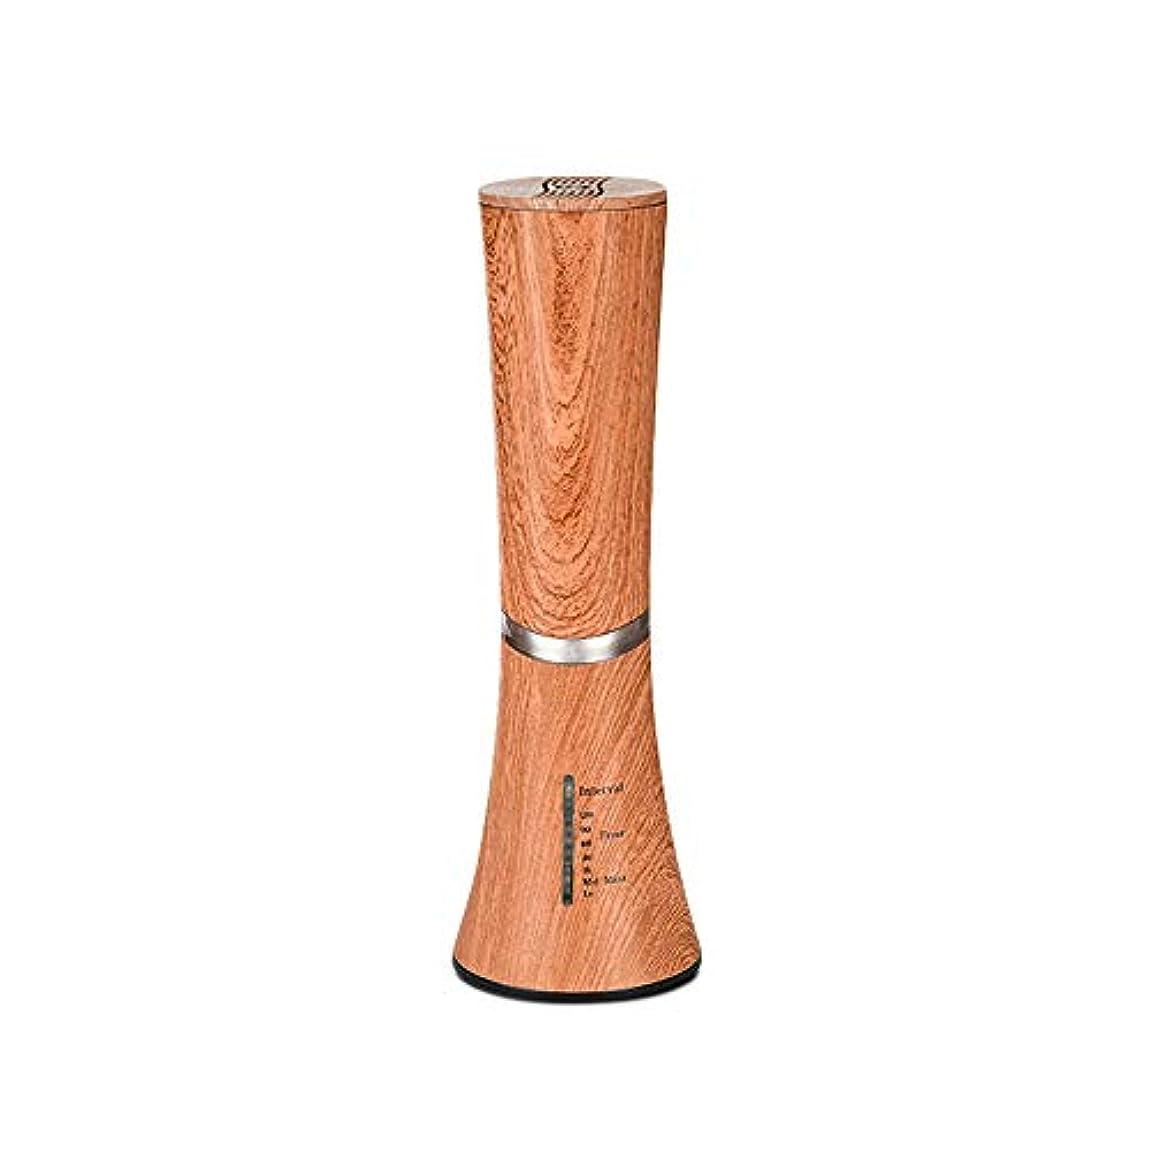 フェリー優雅なラリーベルモントCaseceo 無水 アロマ エッセンシャルオイル ネブライザーディフューザー断続モードと連続モードフクシア付 ダークウッドの木目